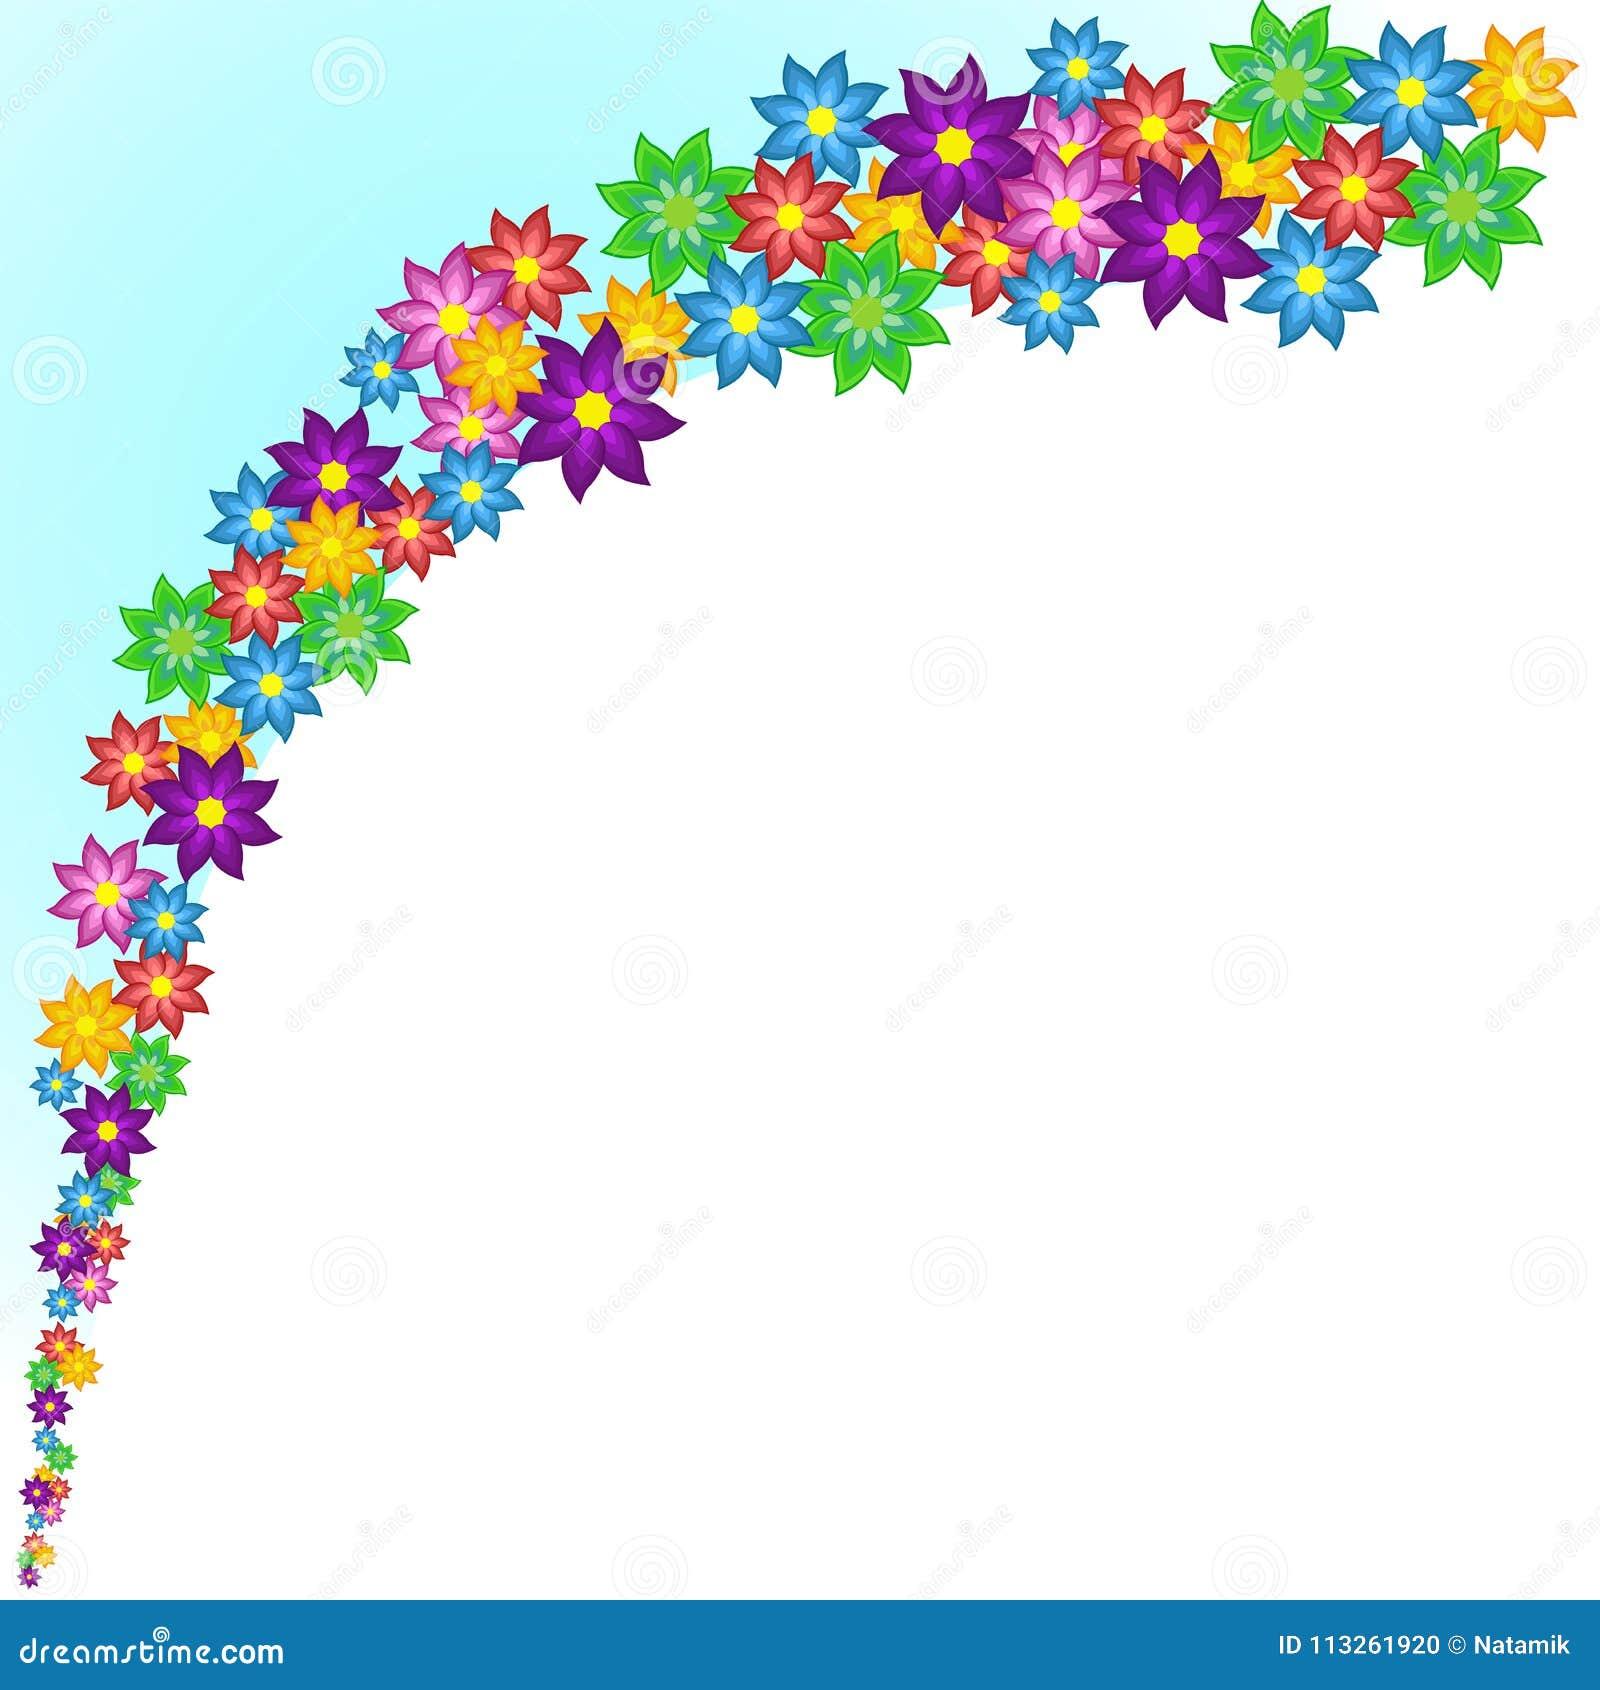 Onda de flores estilizados coloridas brilhantes